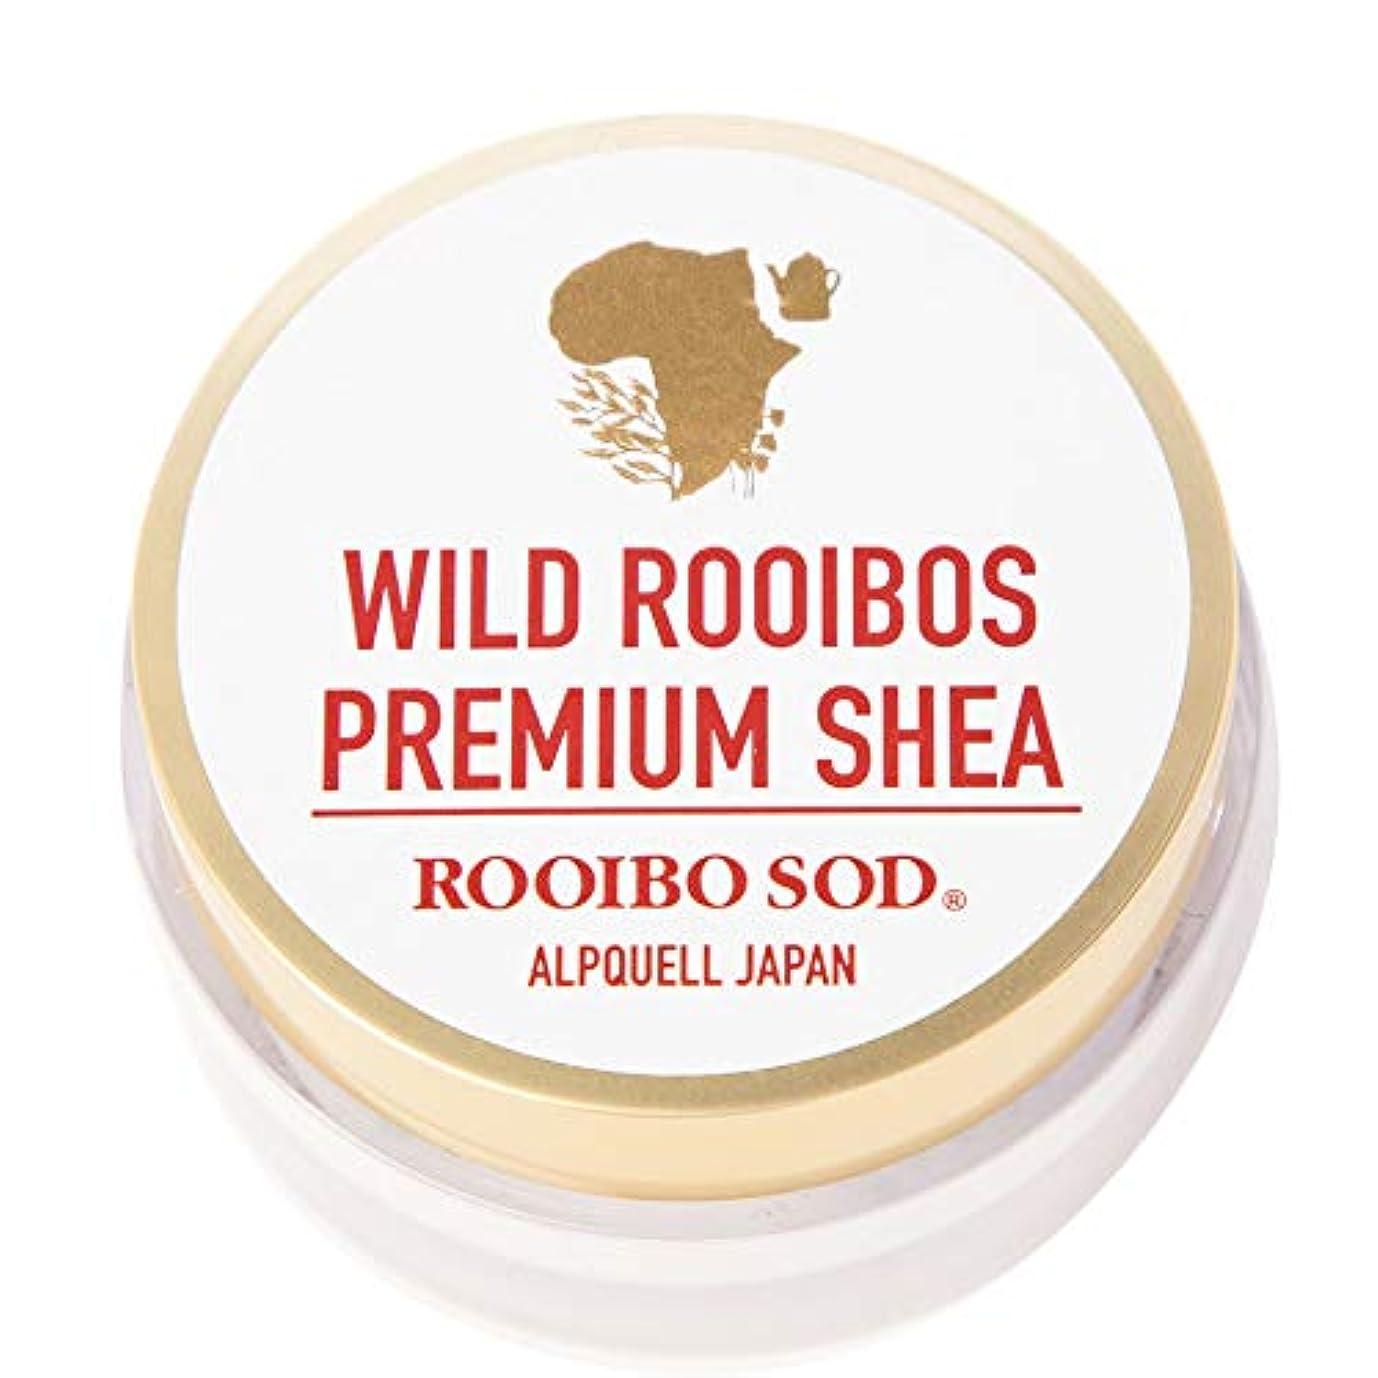 賞賛する権限を与えるハントROOIBO SOD ルイボソード プレミアムシアクリーム シア脂 ルイボスエキス配合 無添加、天然成分100%